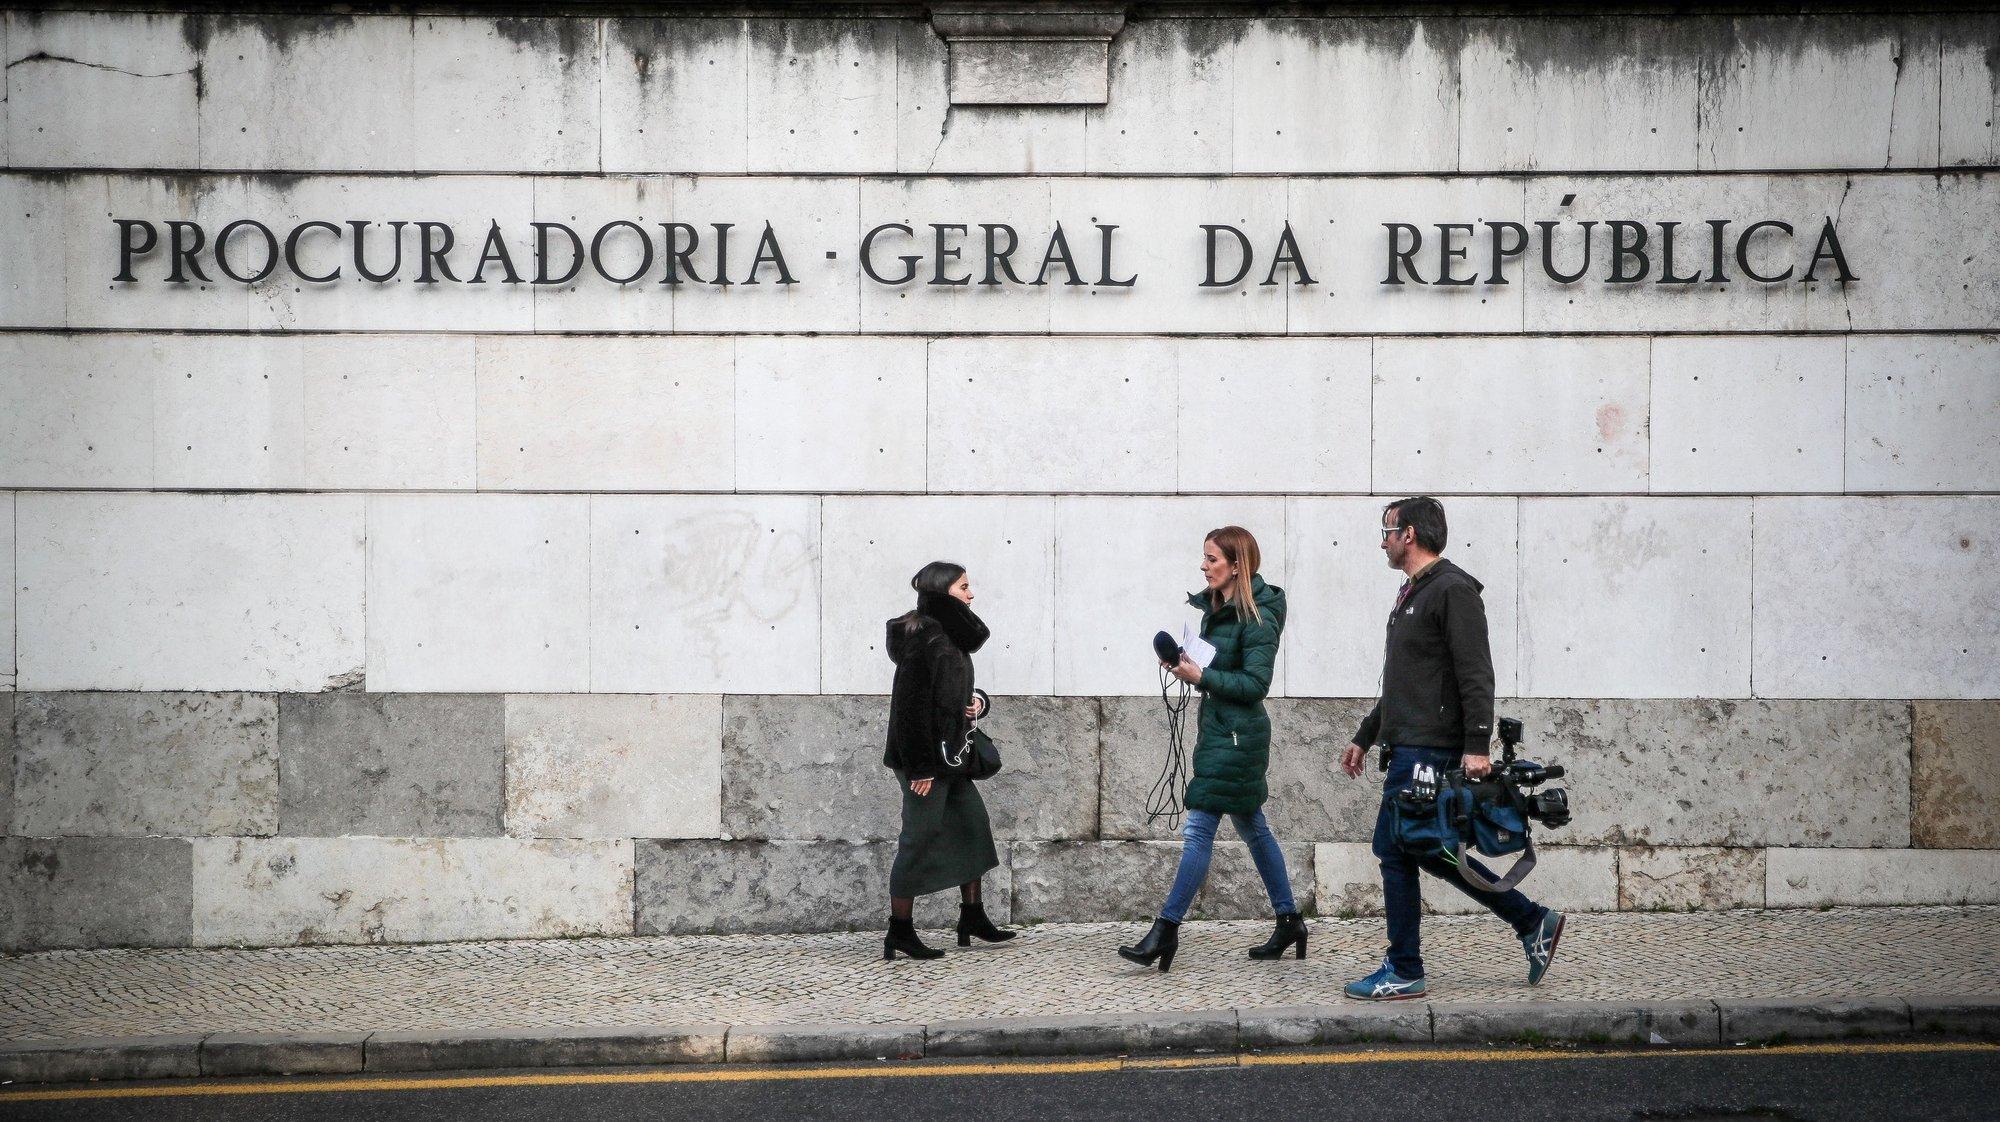 Fachada da Procuradoria-Geral da República onde o procurador-geral de Angola, Hélder Pitta Grós (ausente da fotografia), esteve reunido com a procuradora-geral da República portuguesa, Luícilia Gago (ausente da fotografia), em Lisboa, 23 de janeiro de 2020. Na quarta-feira, o procurador-geral angolano anunciou que a empresária Isabel dos Santos foi constituída arguida por alegada má gestão e desvio de fundos durante a passagem pela petrolífera estatal Sonangol. MÁRIO CRUZ/LUSA